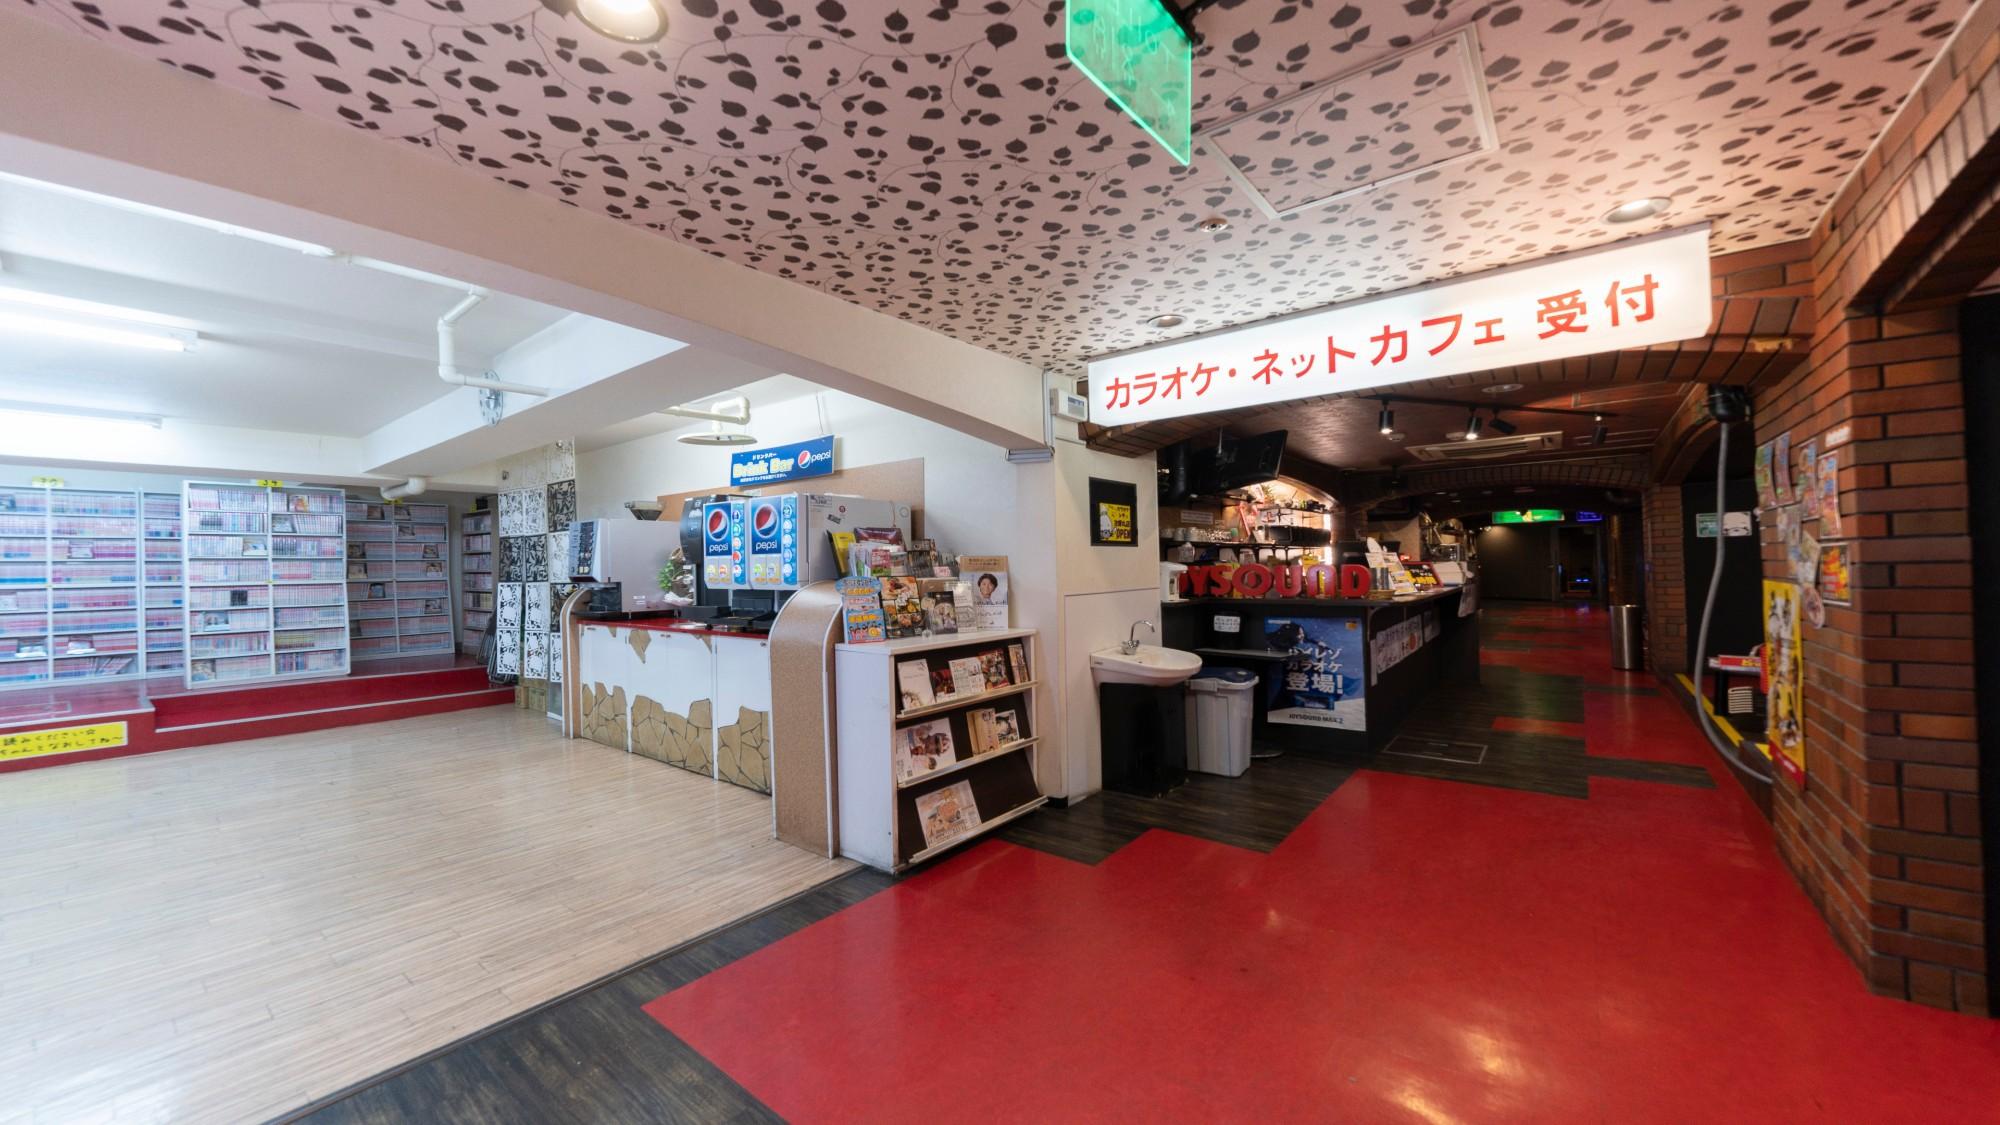 設備|カラオケ&ネットカフェ